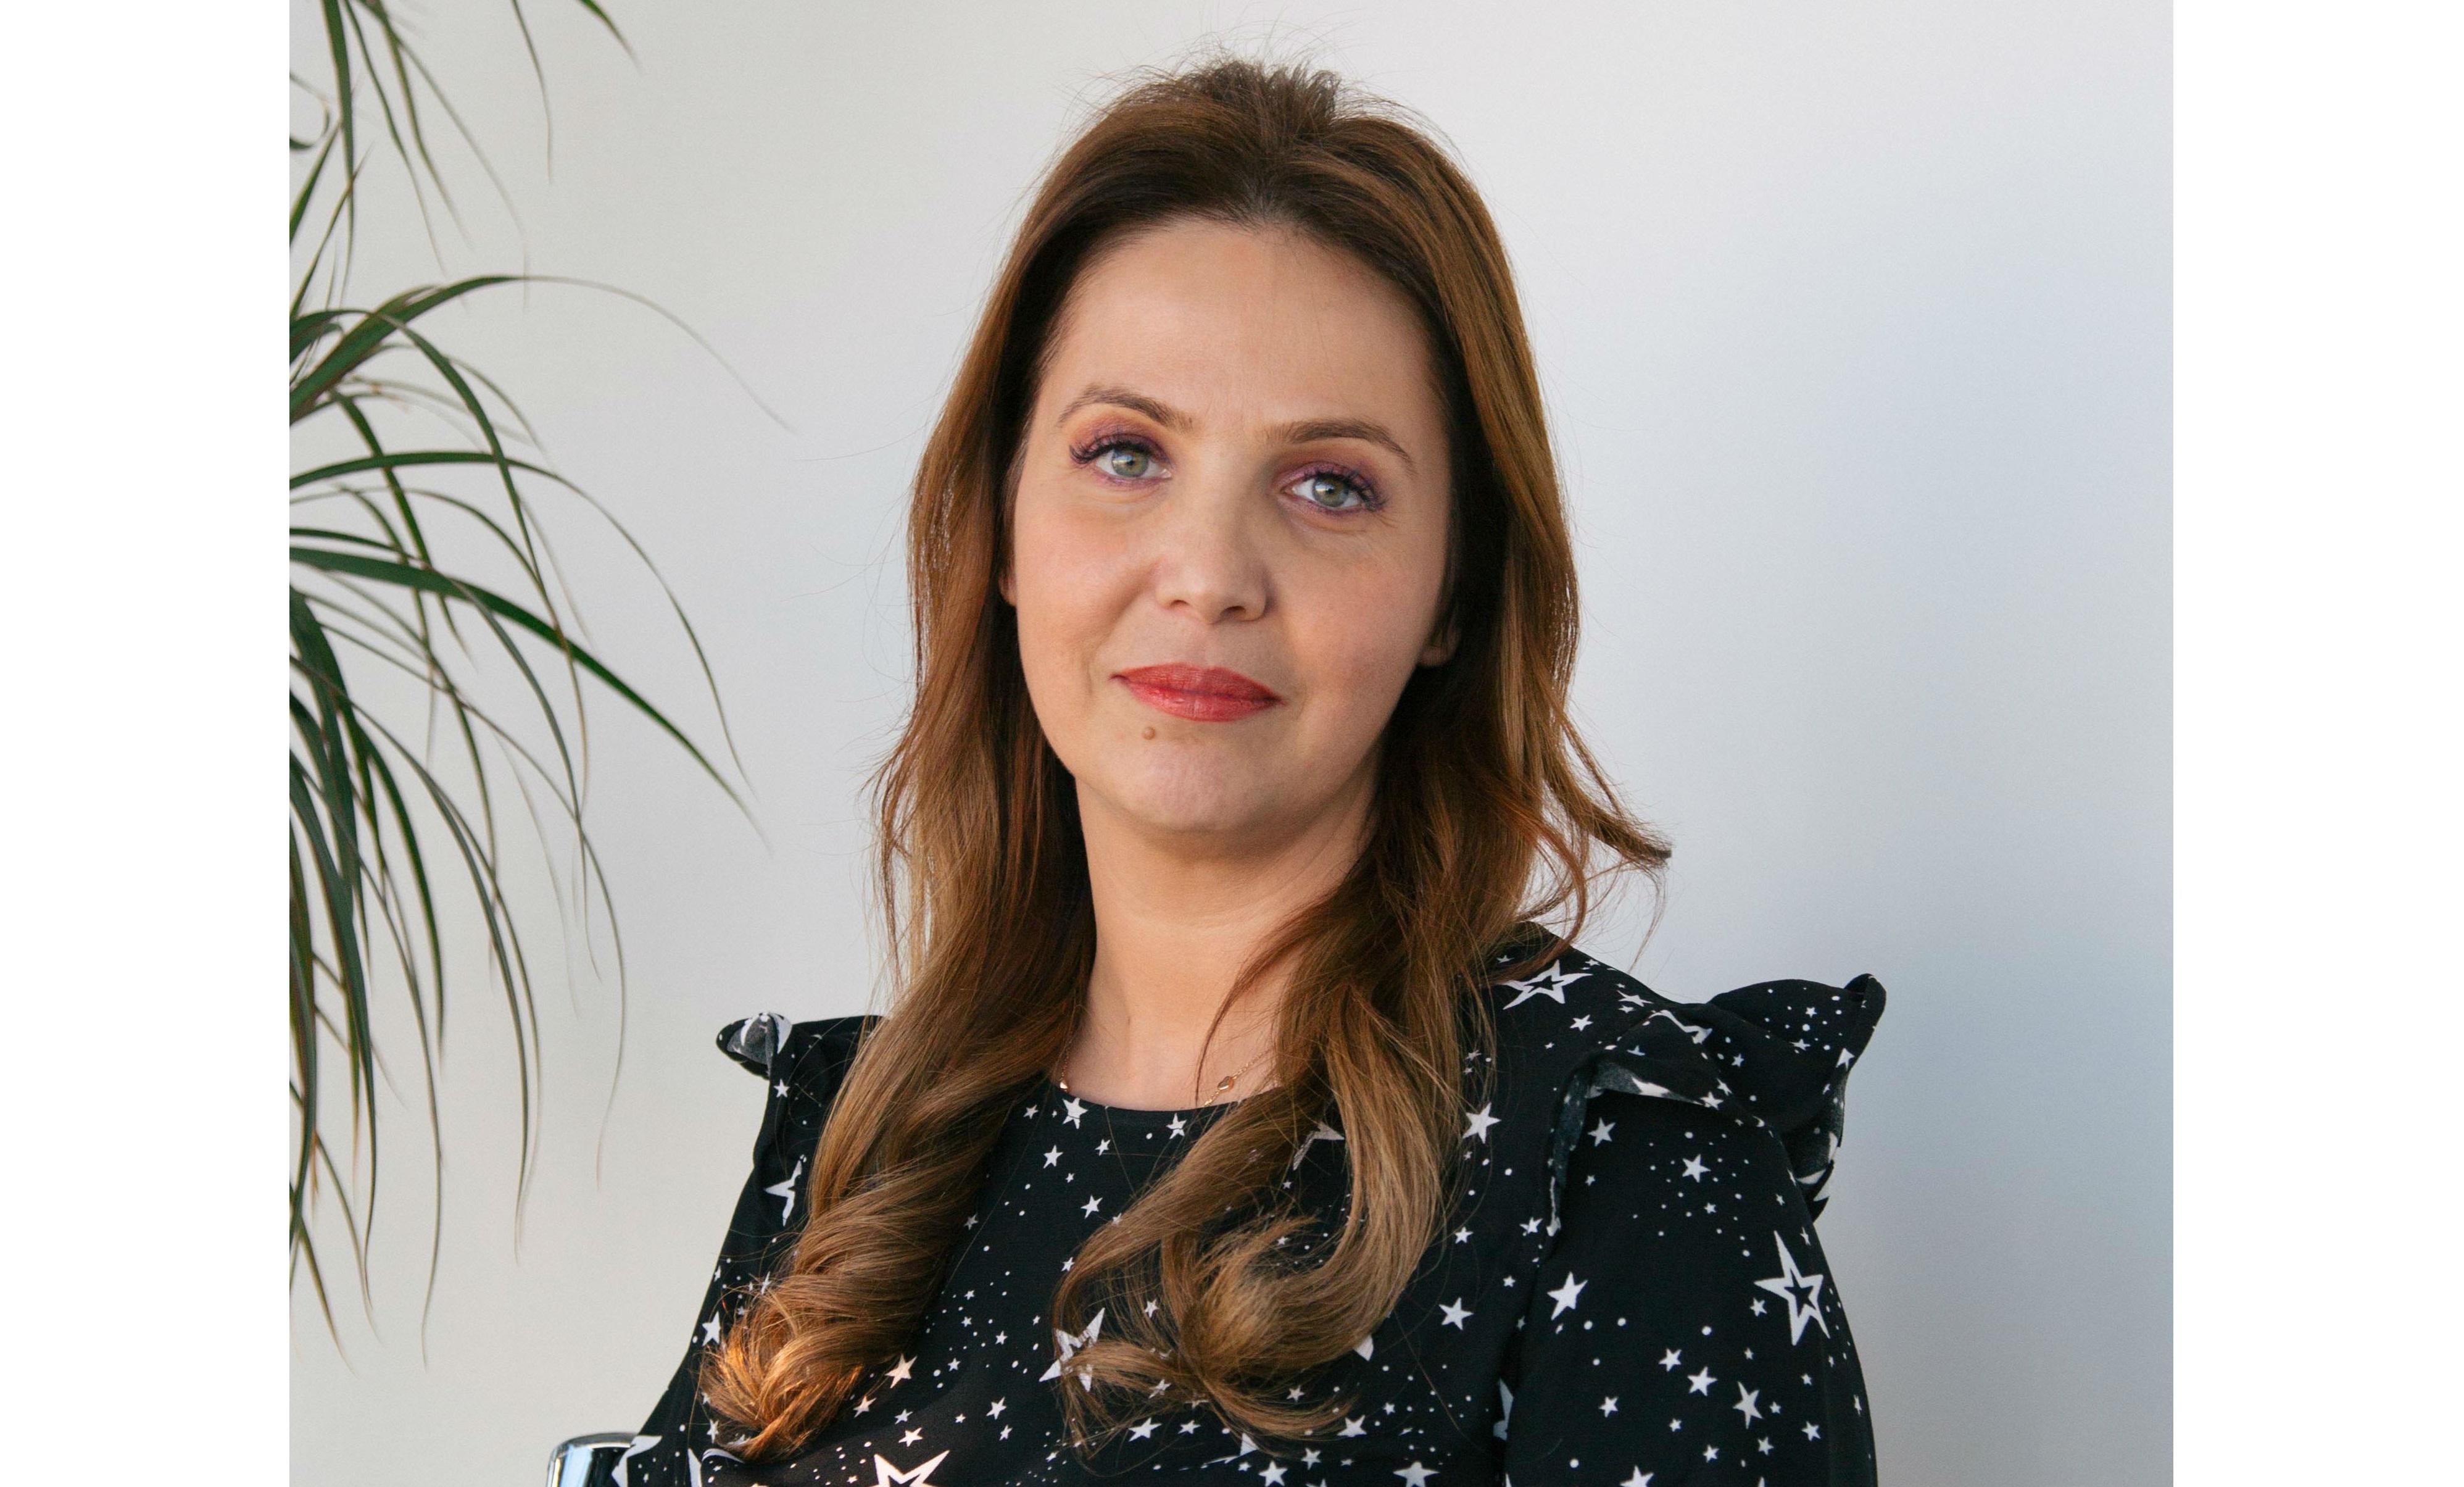 Intesa Sanpaolo Bank o numeste pe Gabriela Simion in functia de Director General Adjunct